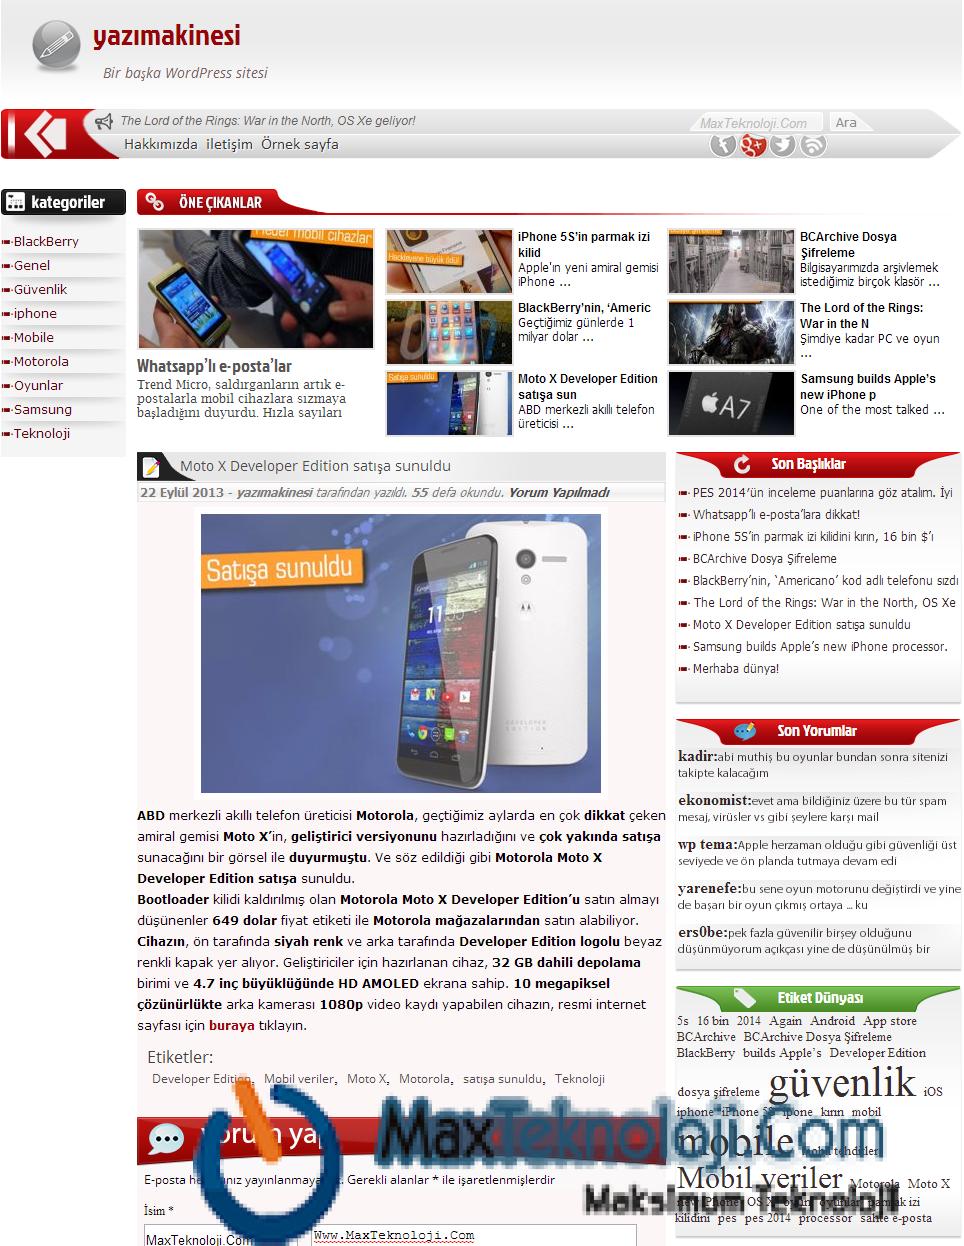 Teknoloji Teması, Blog Teması, Haber Teması7